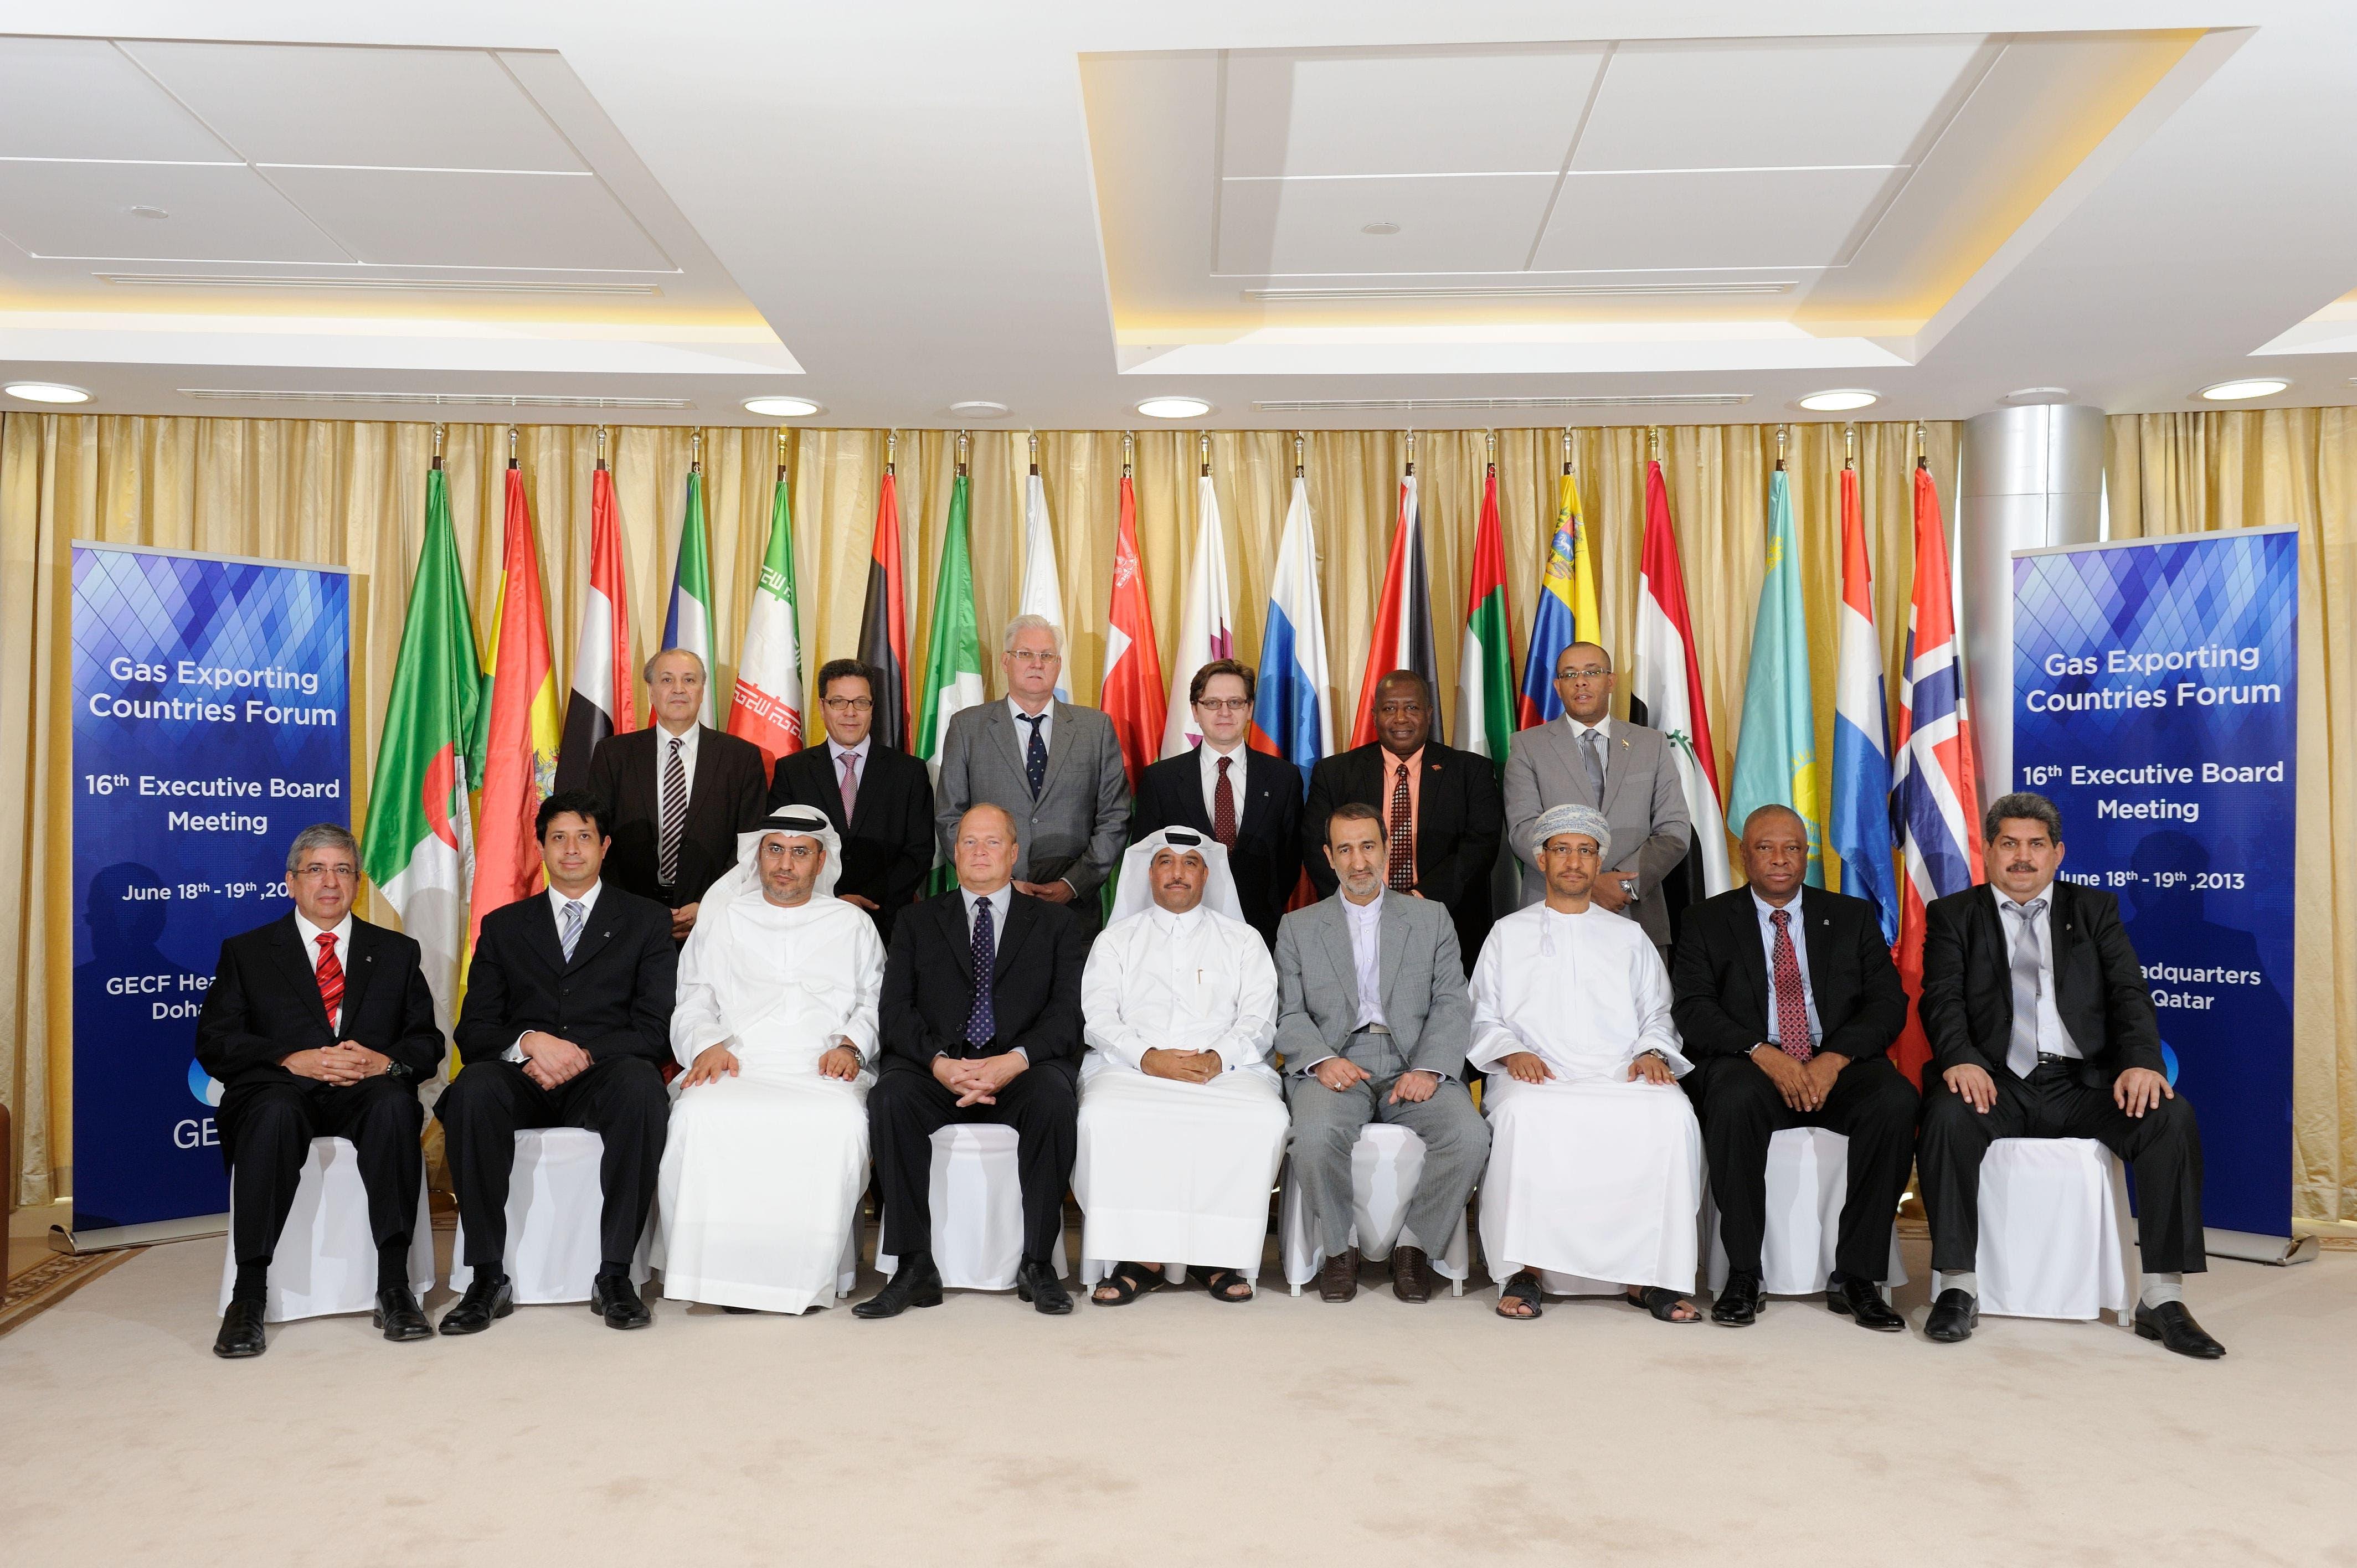 GECF meeting in Doha, June, 2013